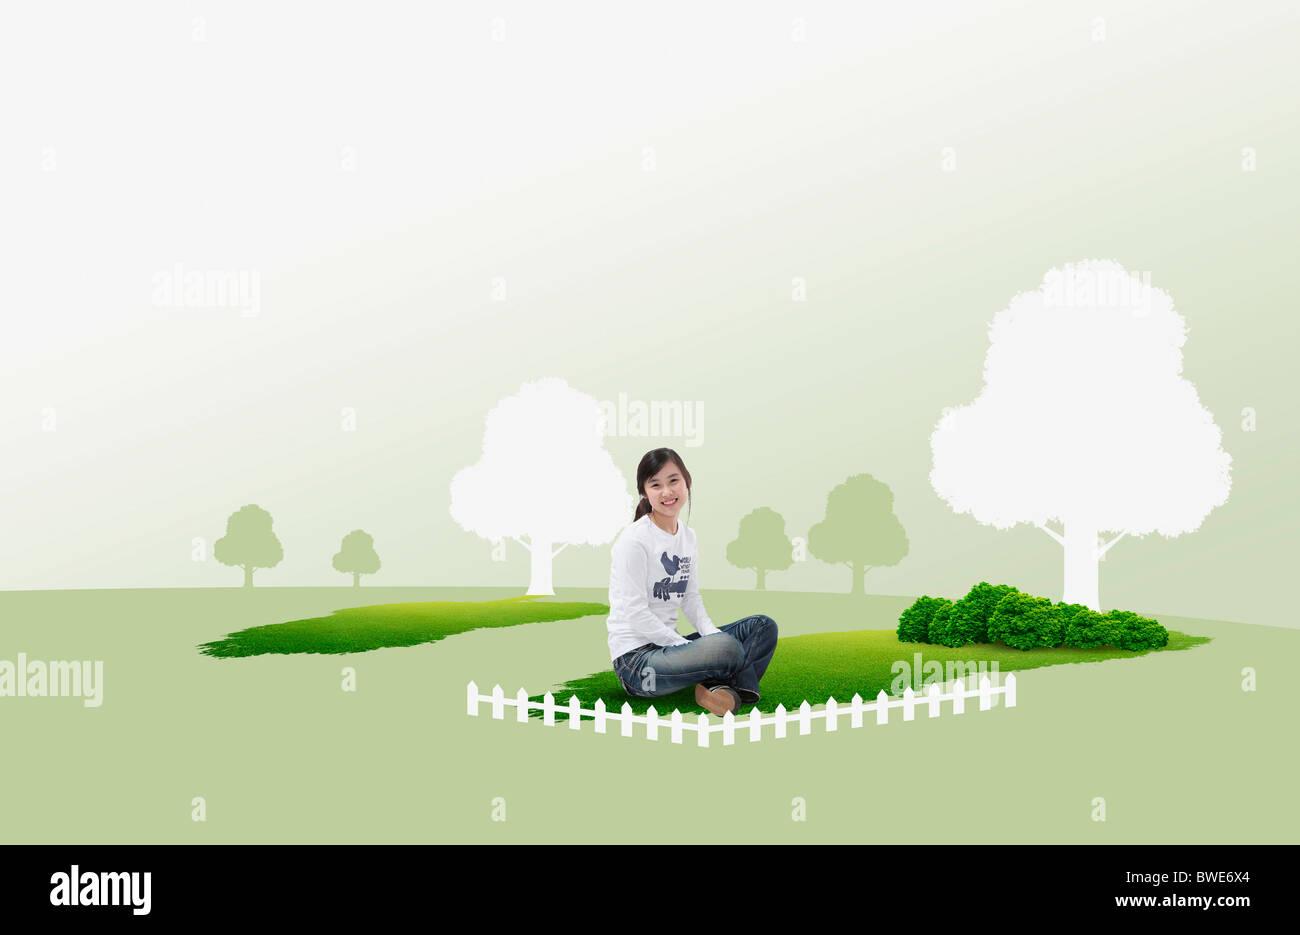 hopeful eco friendly - Stock Image